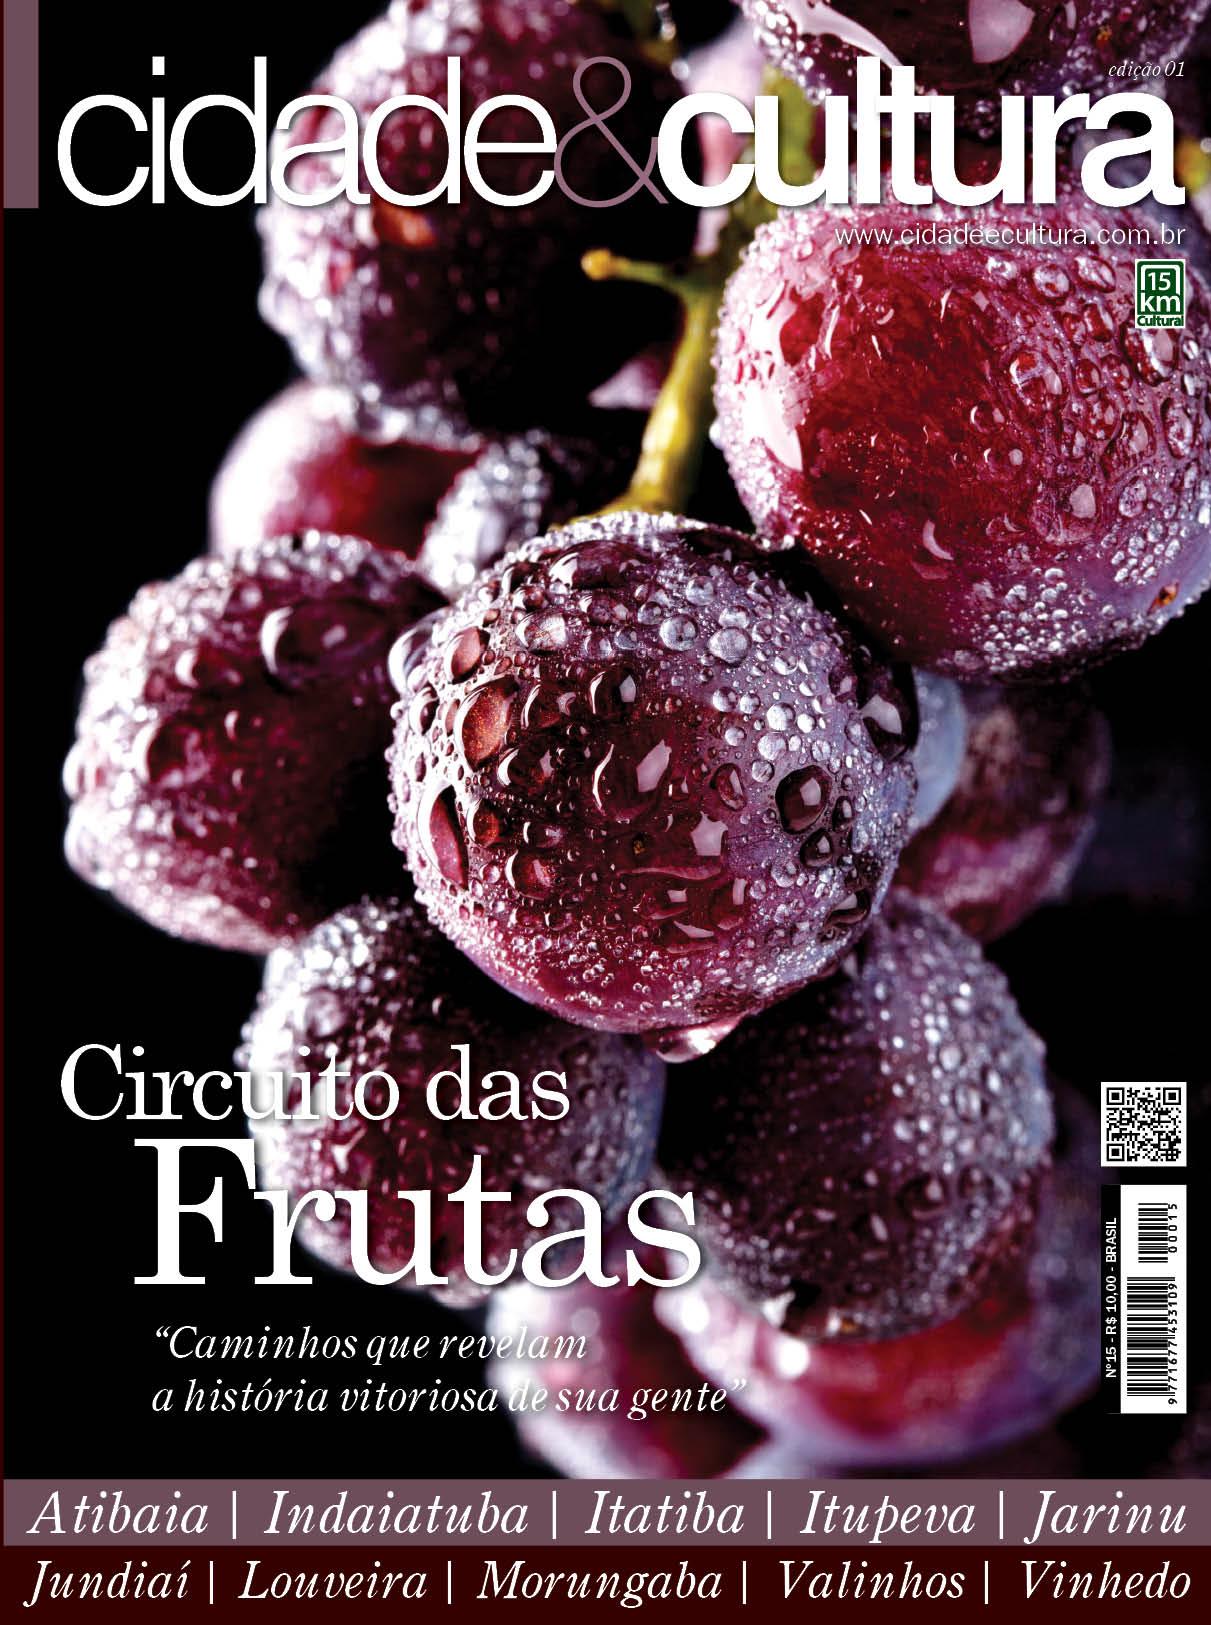 Circuito das Frutas ed.1